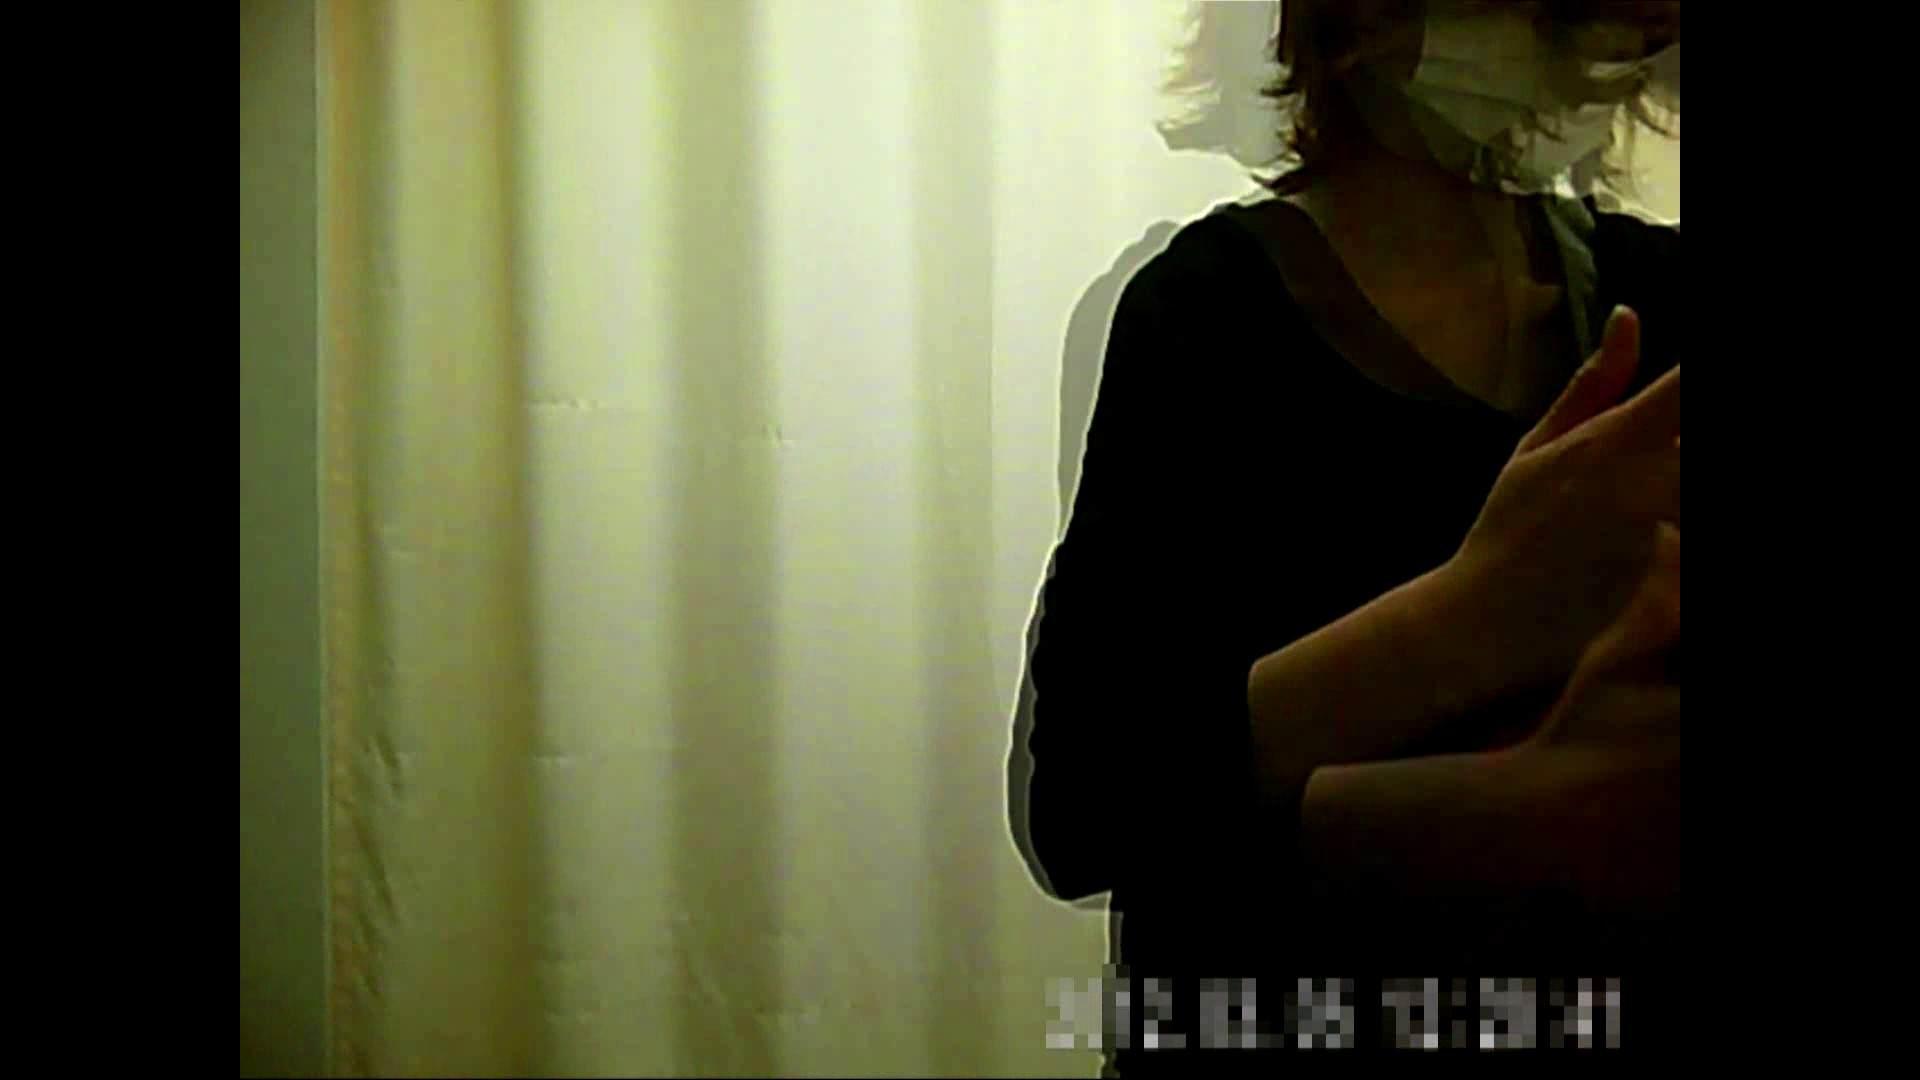 病院おもいっきり着替え! vol.264 巨乳 覗きオメコ動画キャプチャ 97画像 26